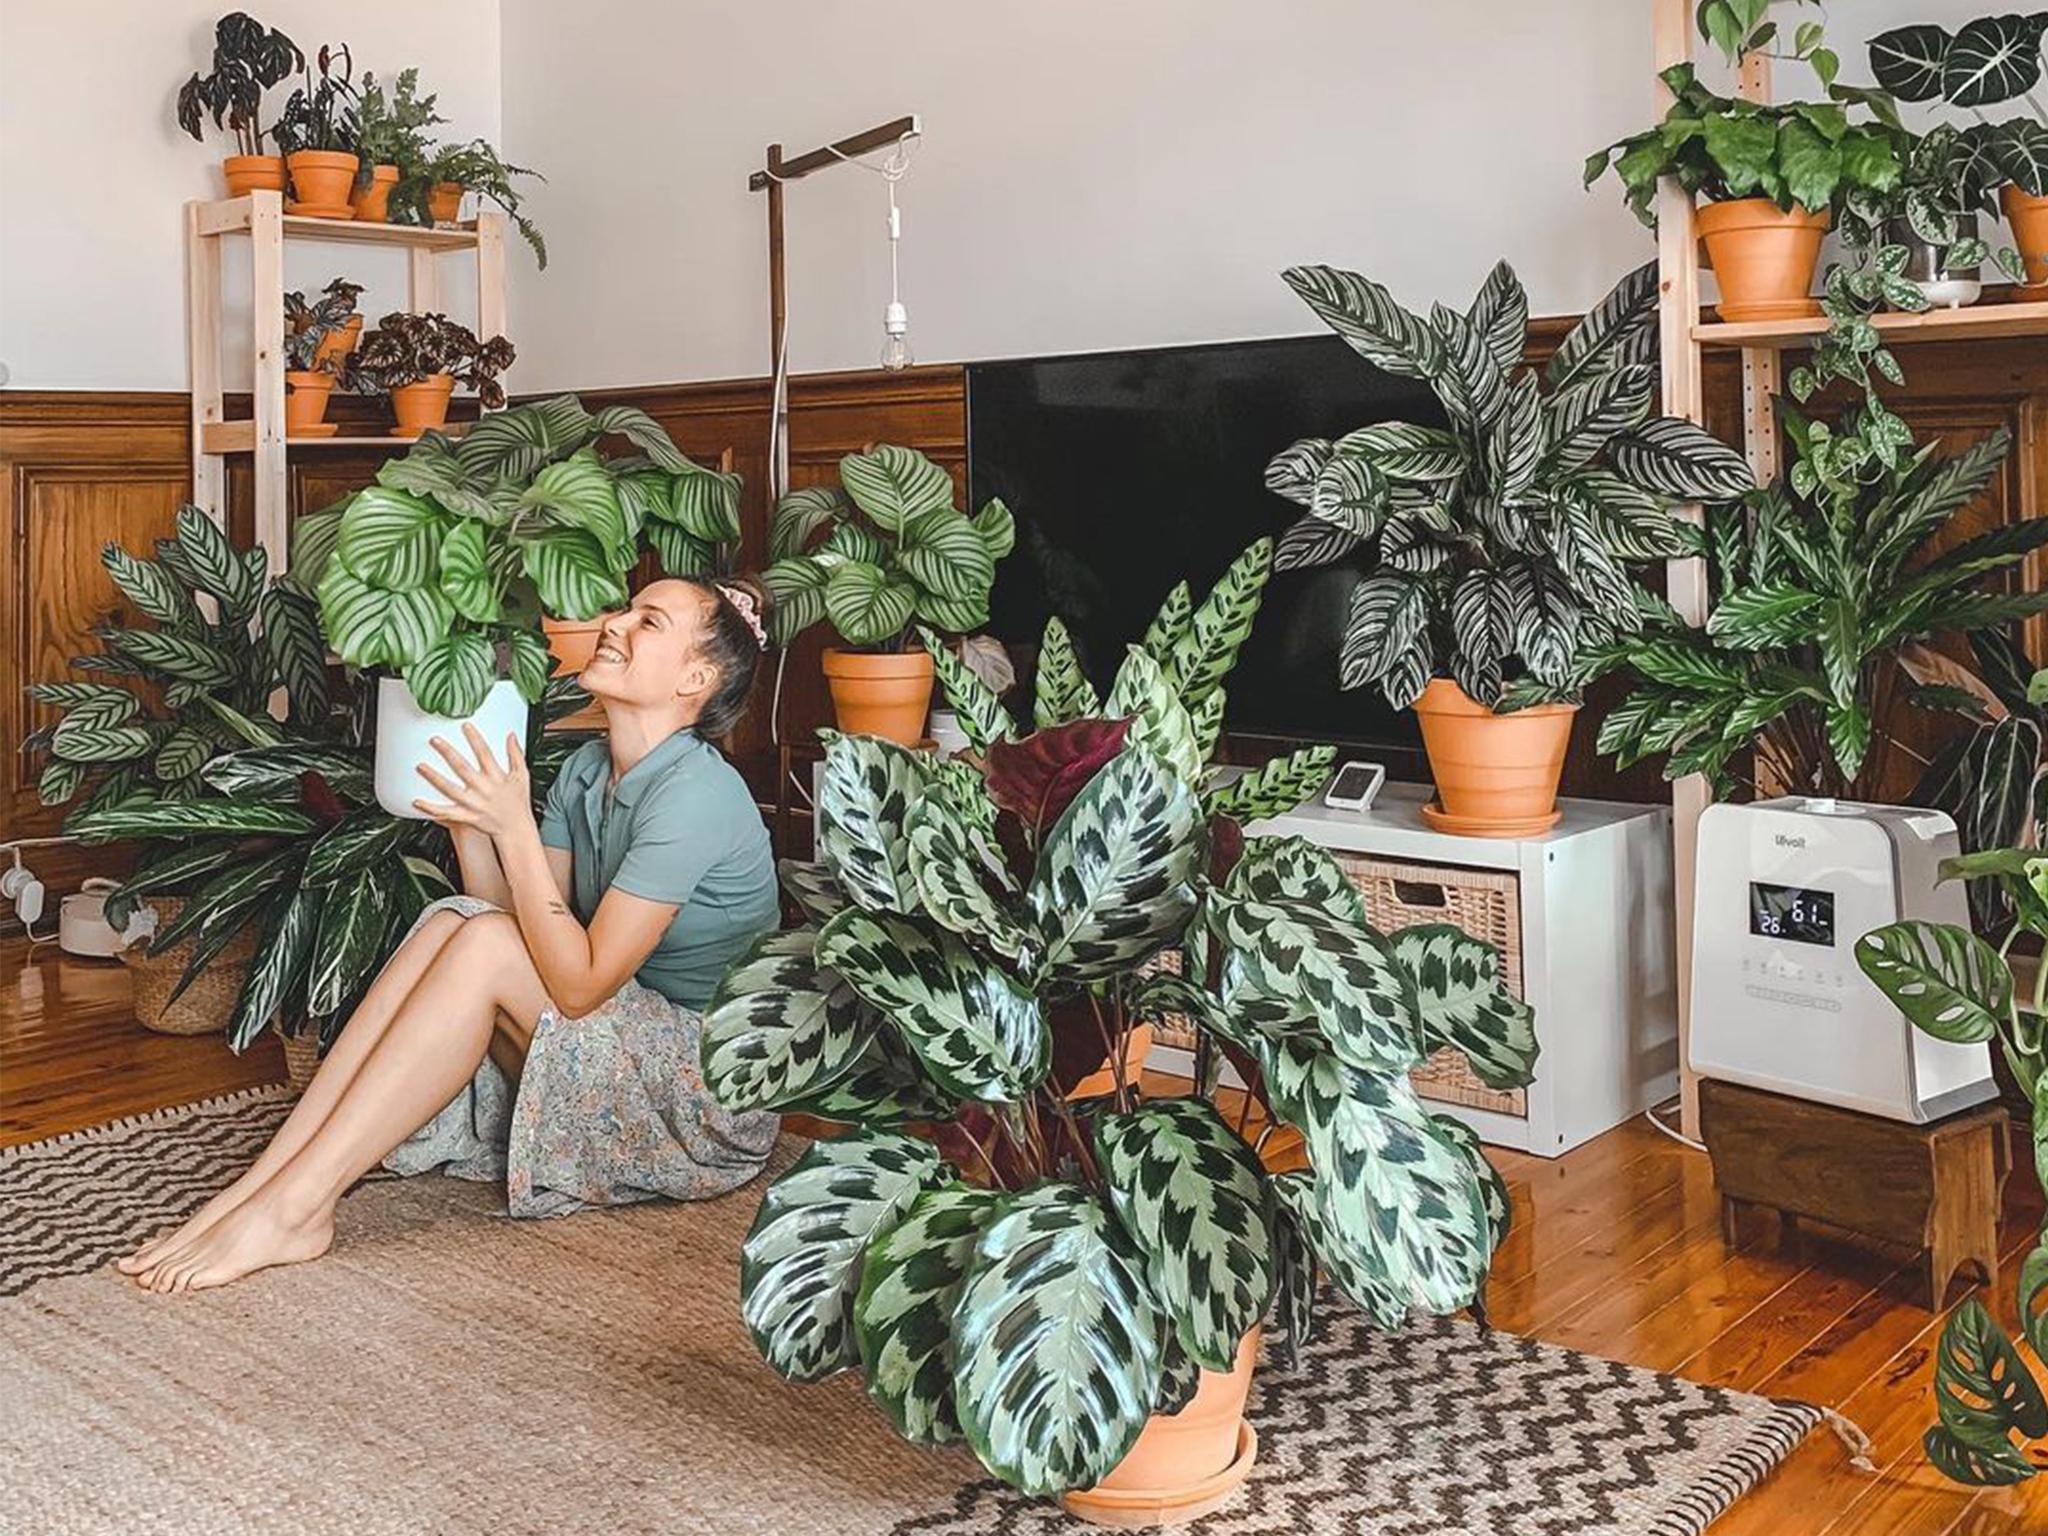 Plantas, @atripeirinha, Sofia Manuel